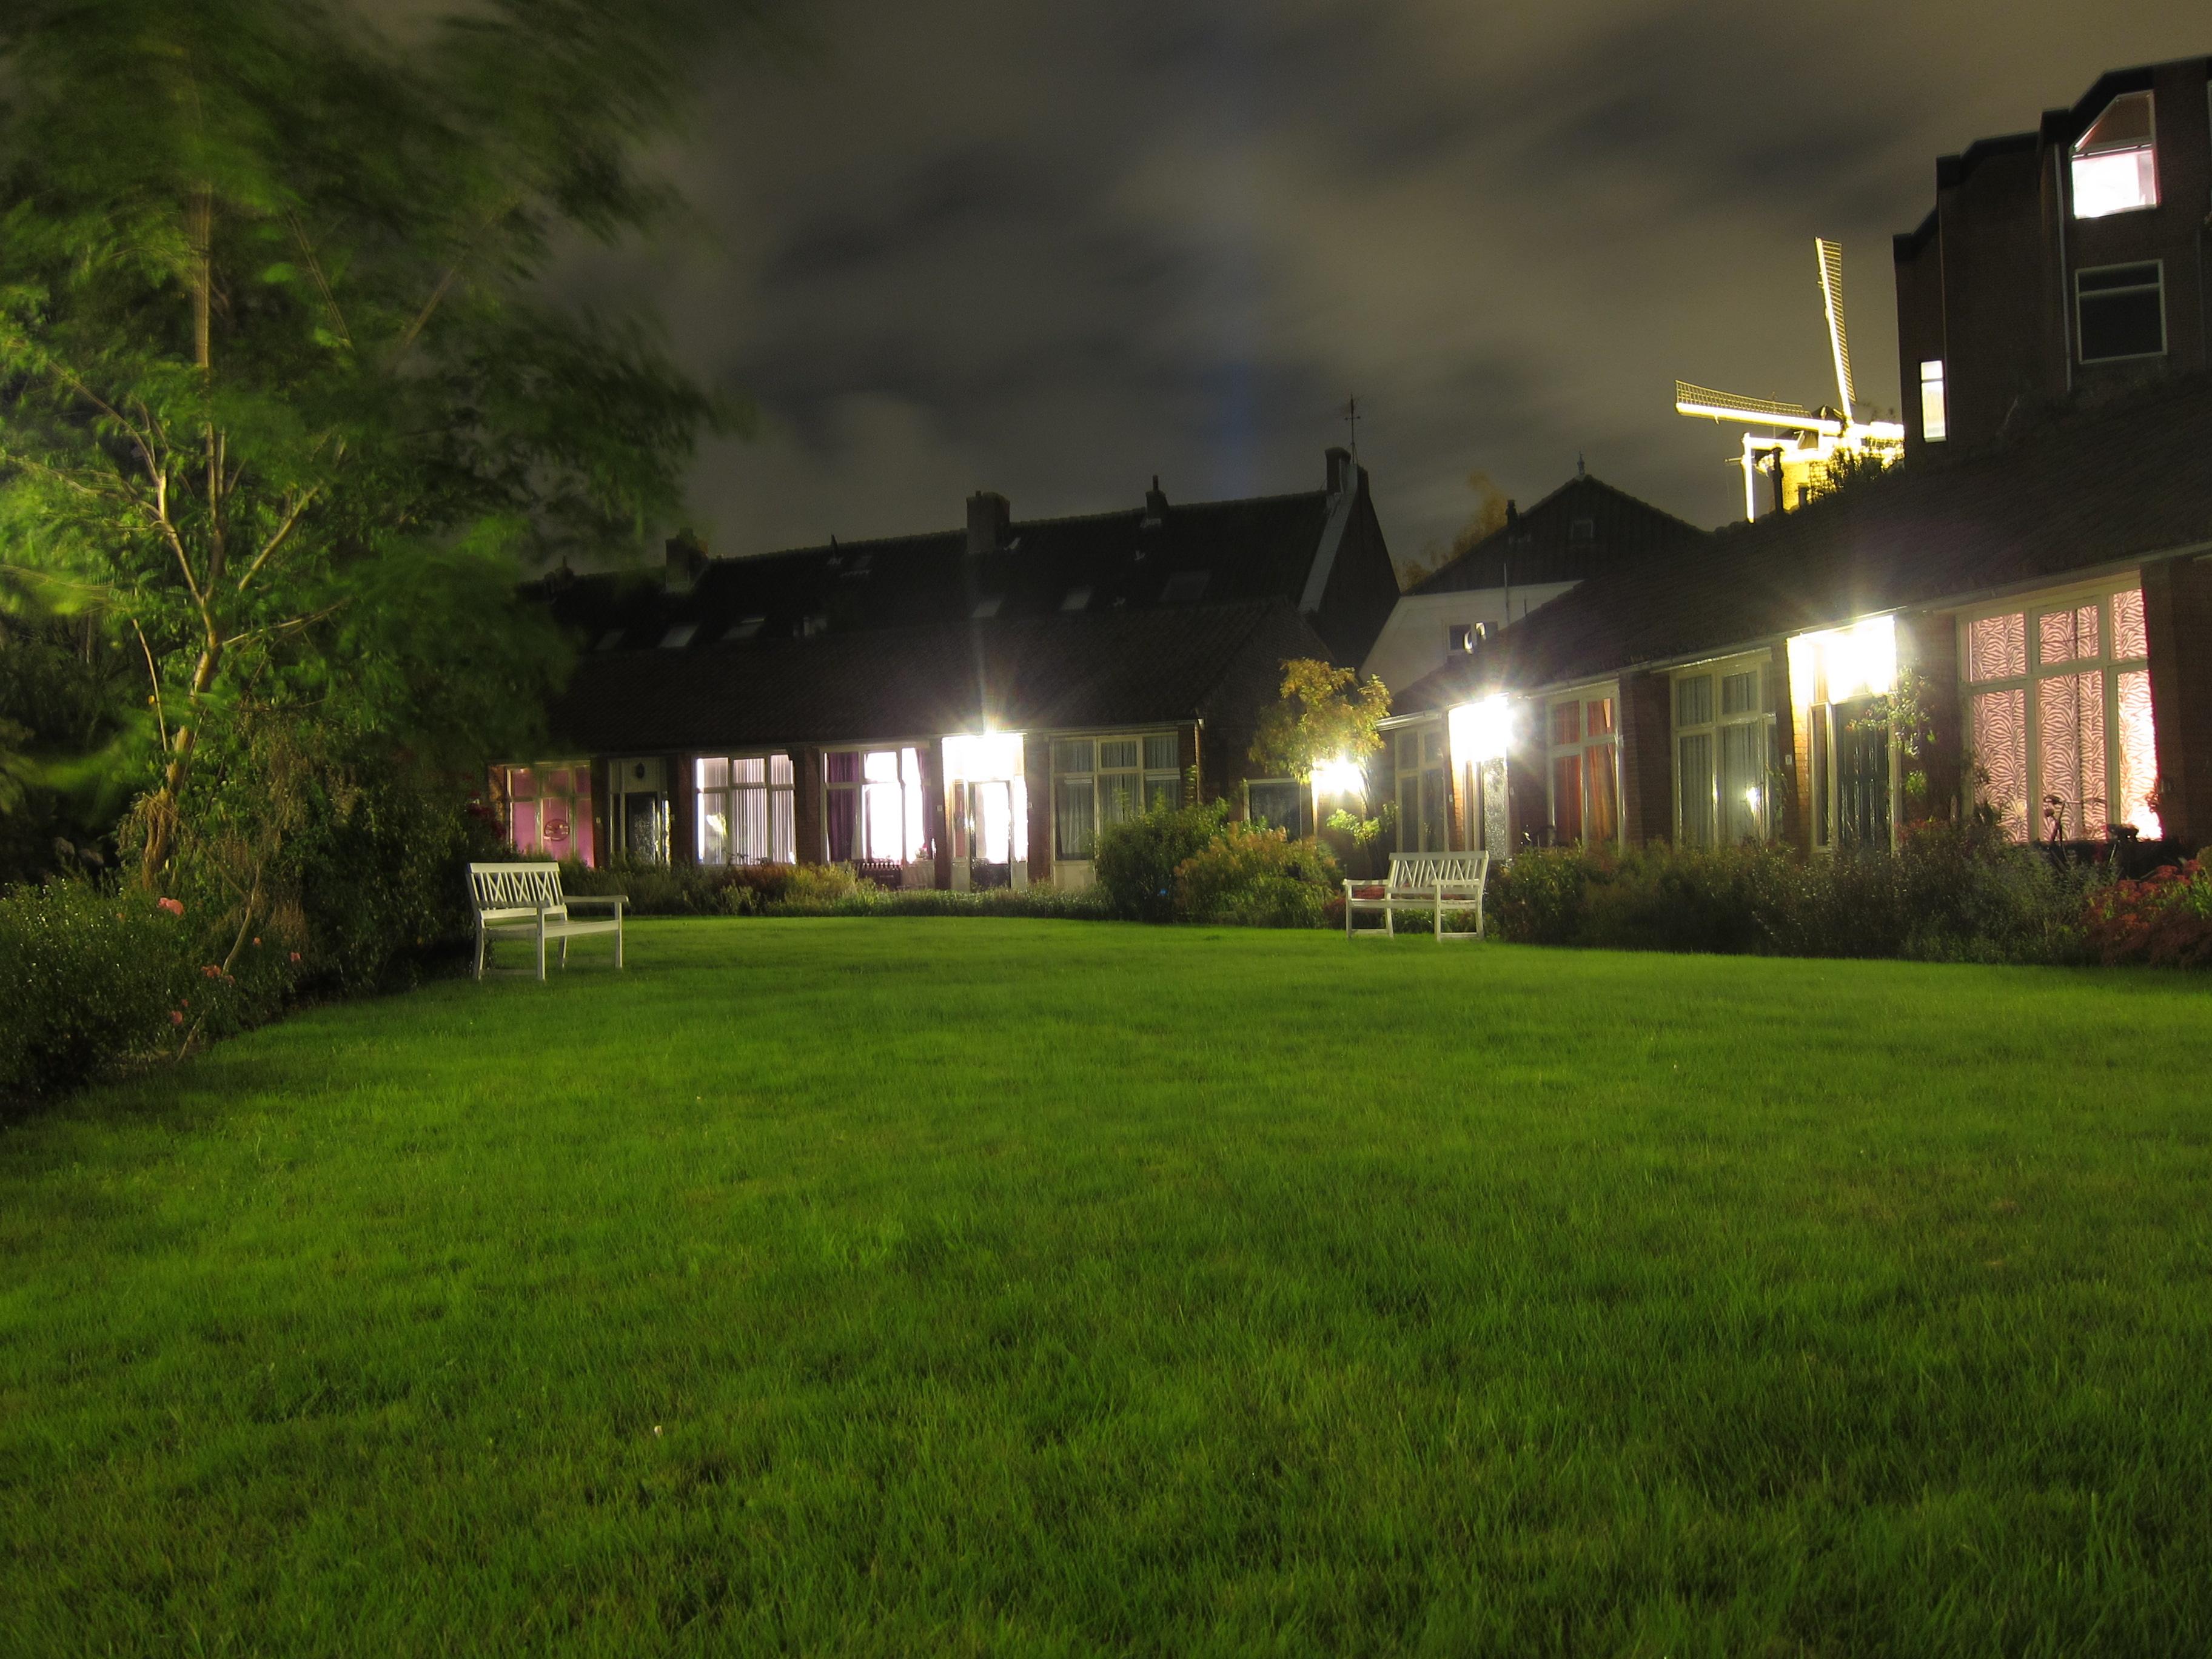 Garden foldedcranes for A night at the garden